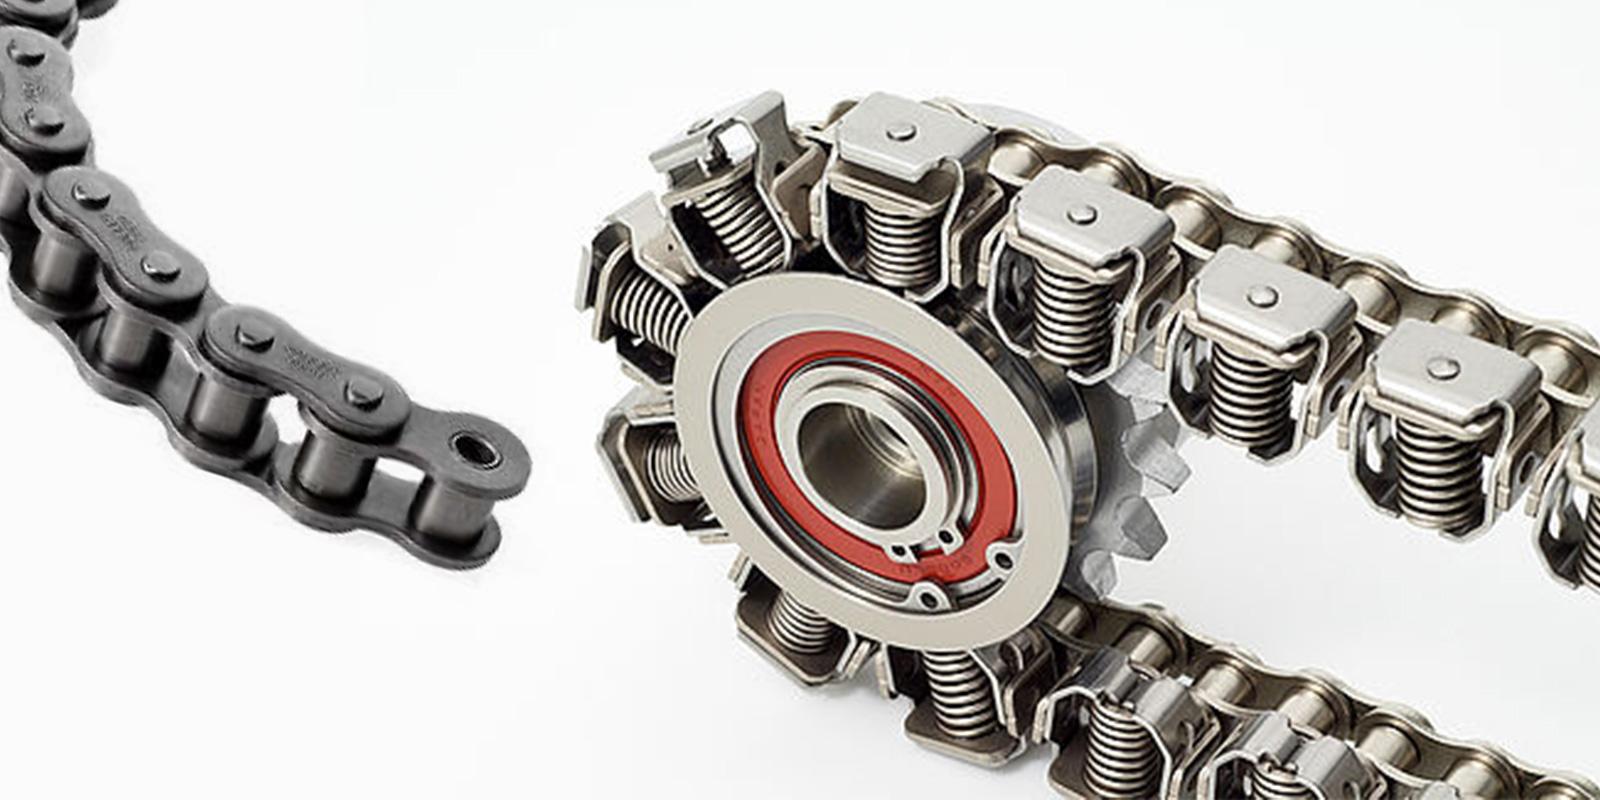 Kæder - Selvsmørende rustfri industrikæder og kædehjul.